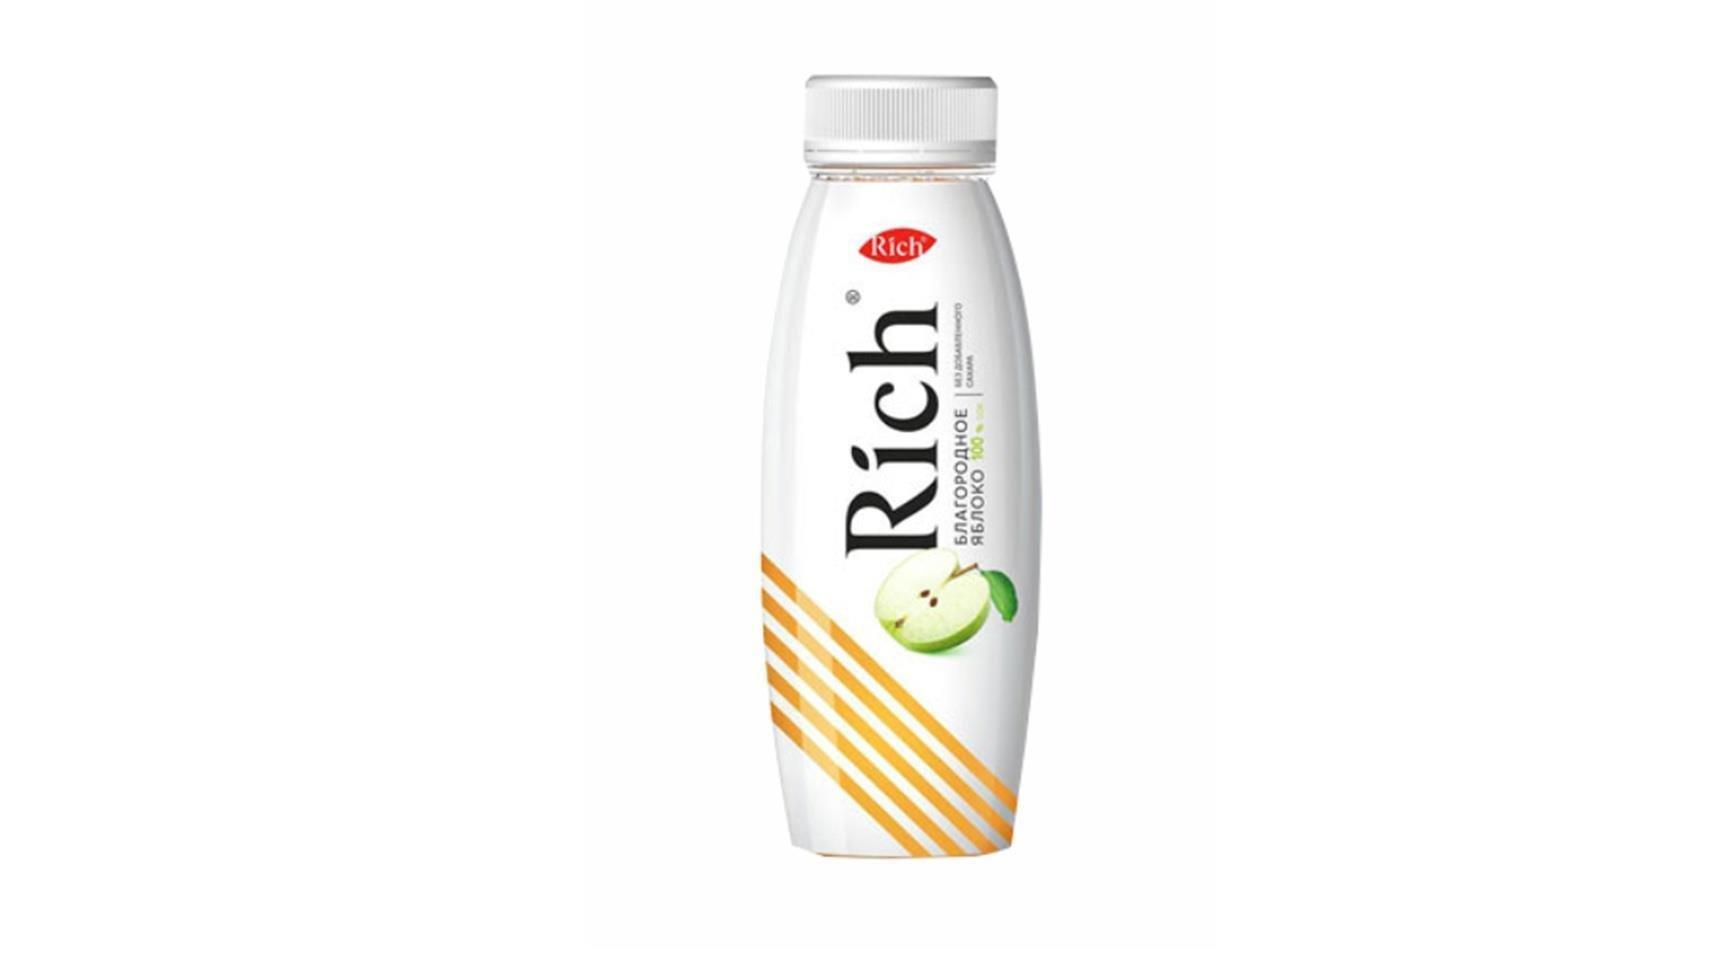 Сок Rich яблоко 0,3л